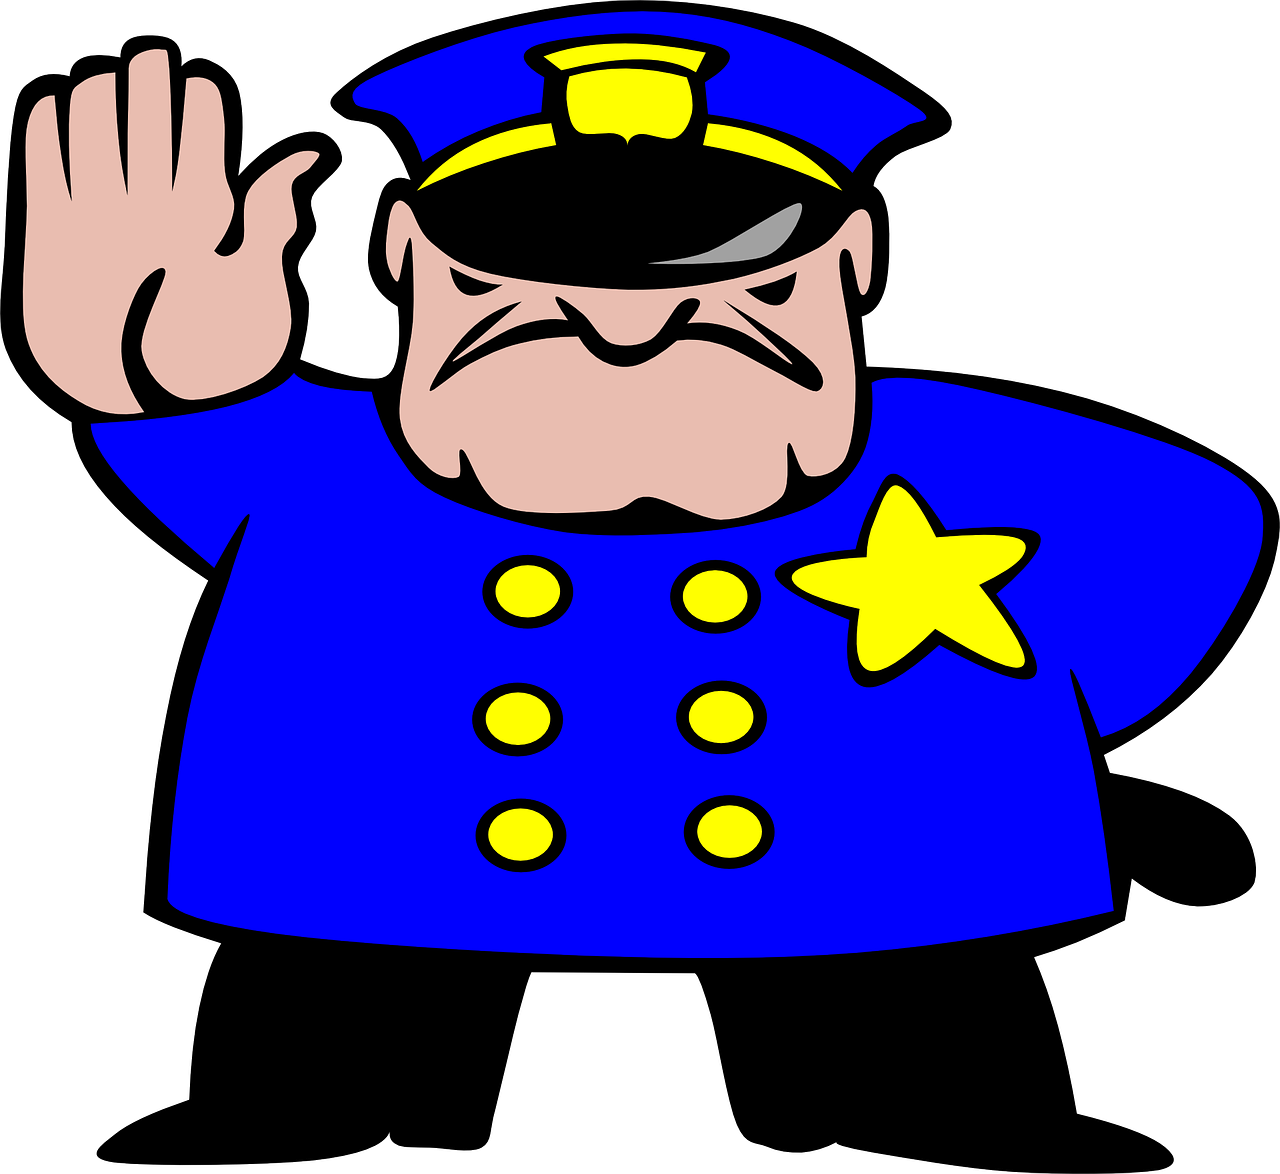 policeman-23796_1280 (1)